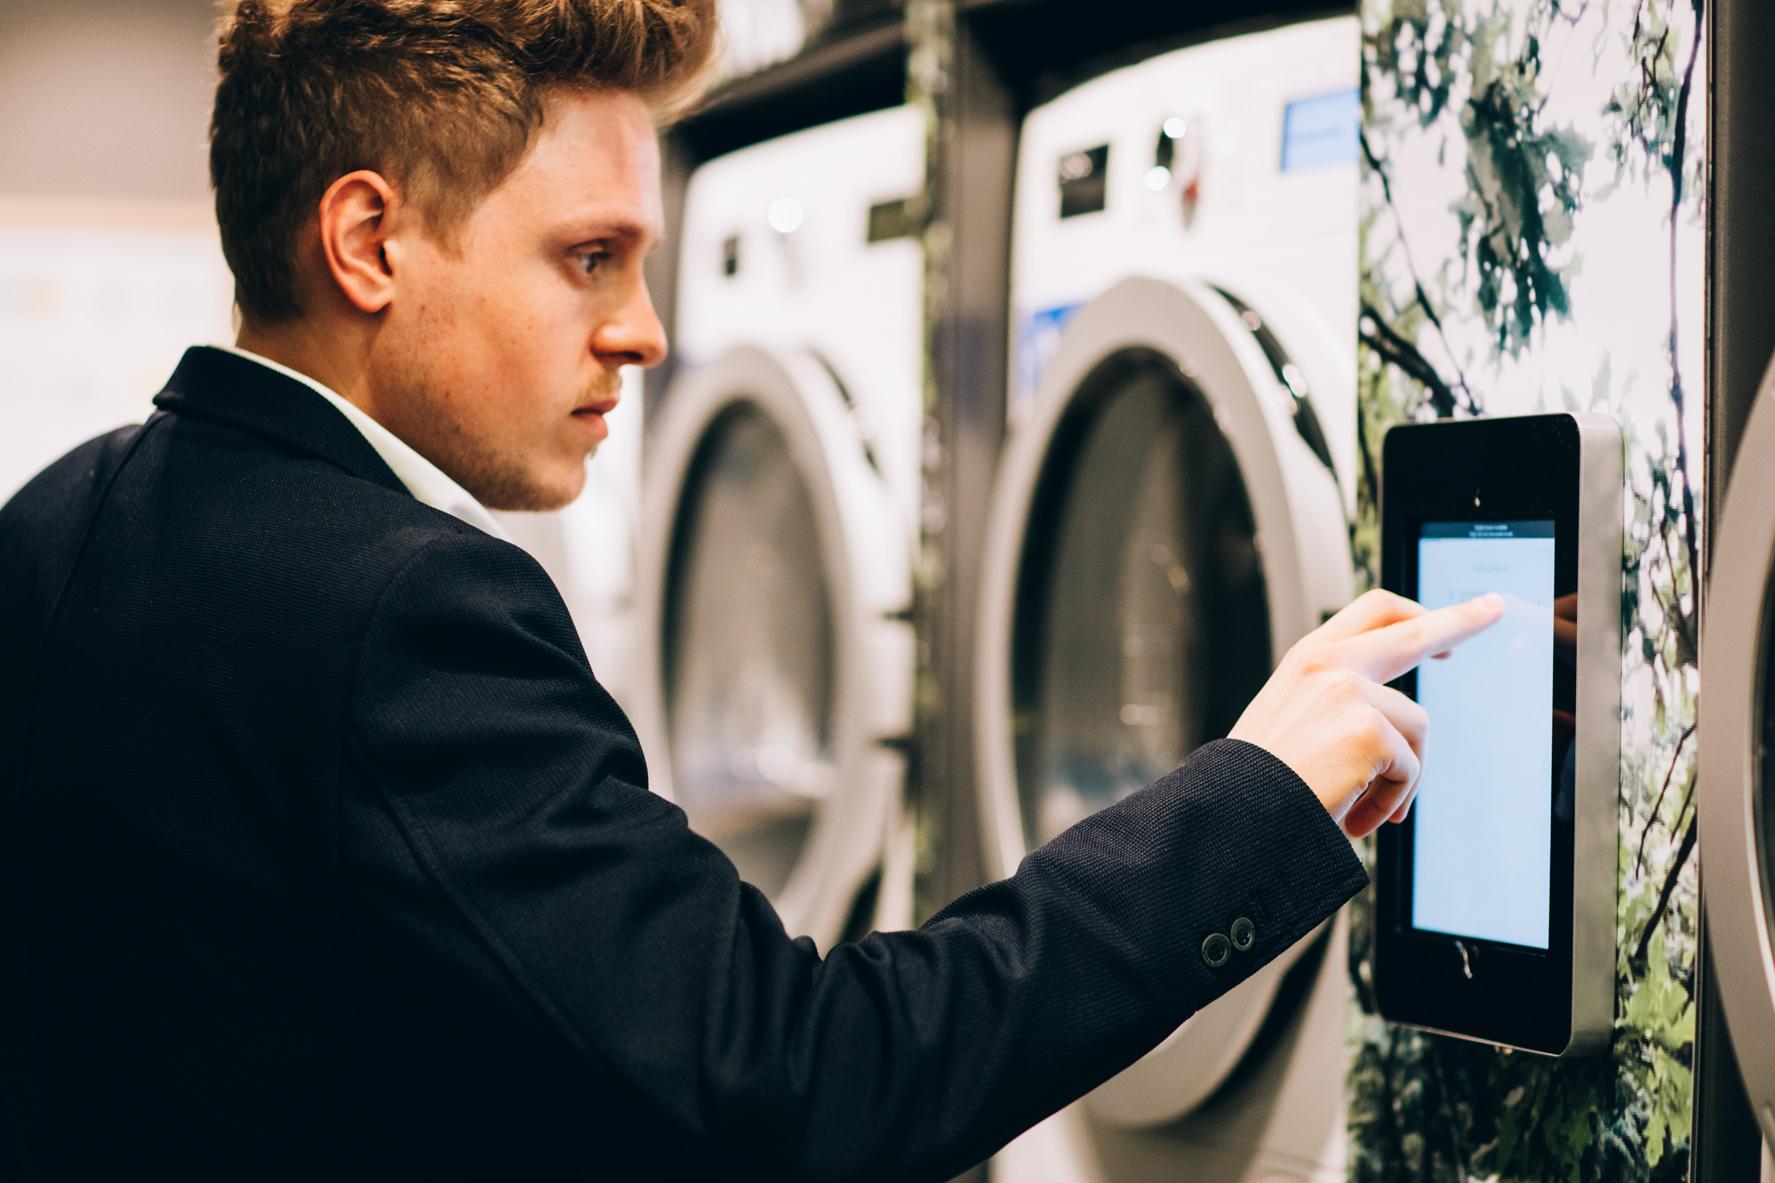 Waschraum Reserl Nutzer